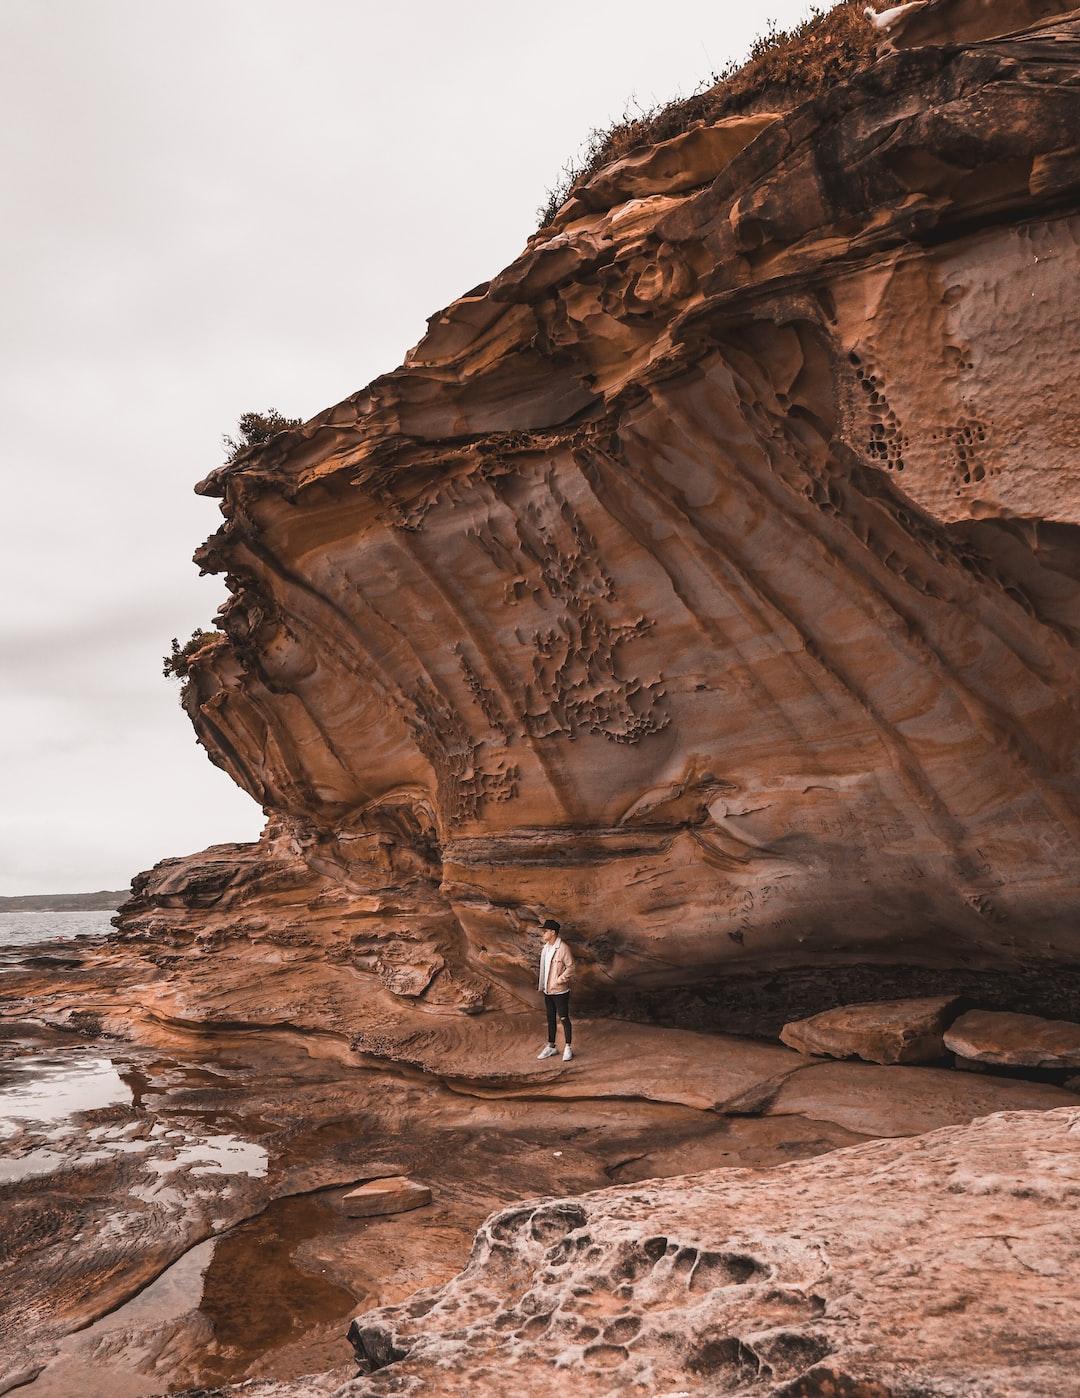 Man standing under sandstone cliffs on Bare Island, Australia.